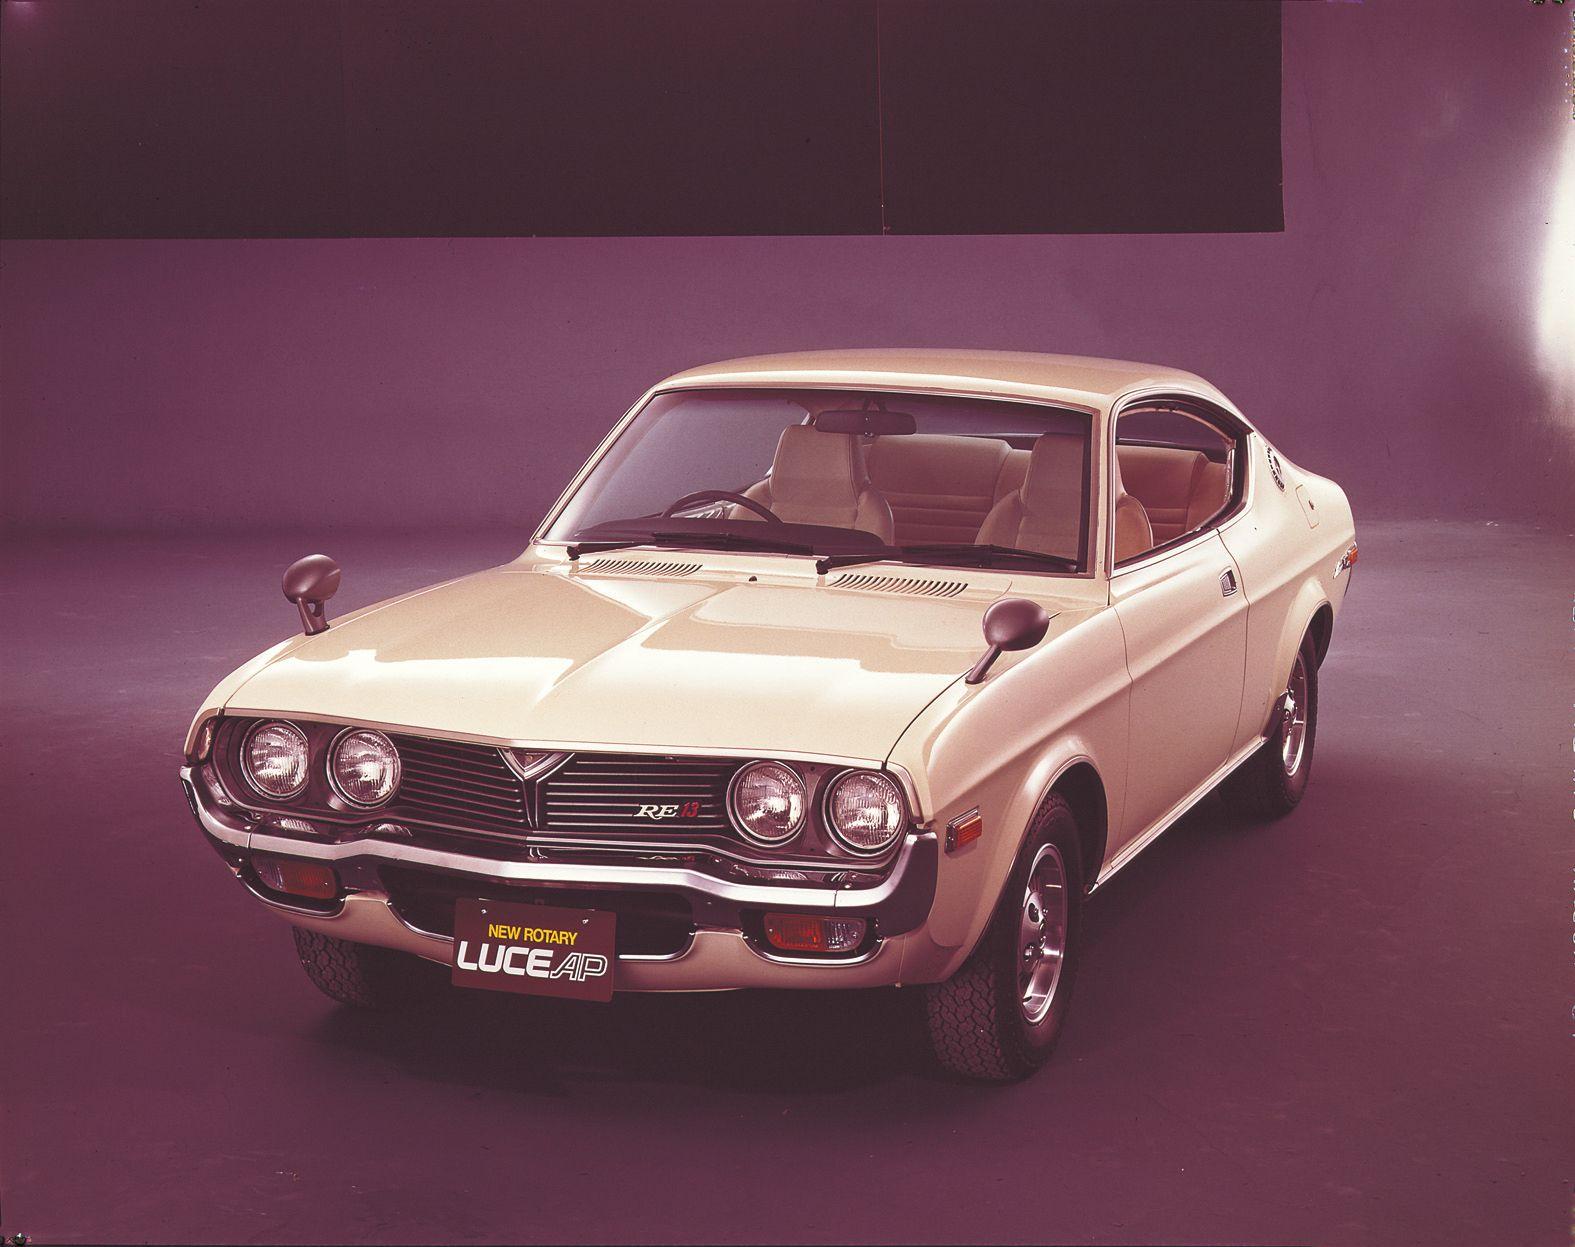 Mazda RX-4 Luce AP 1974